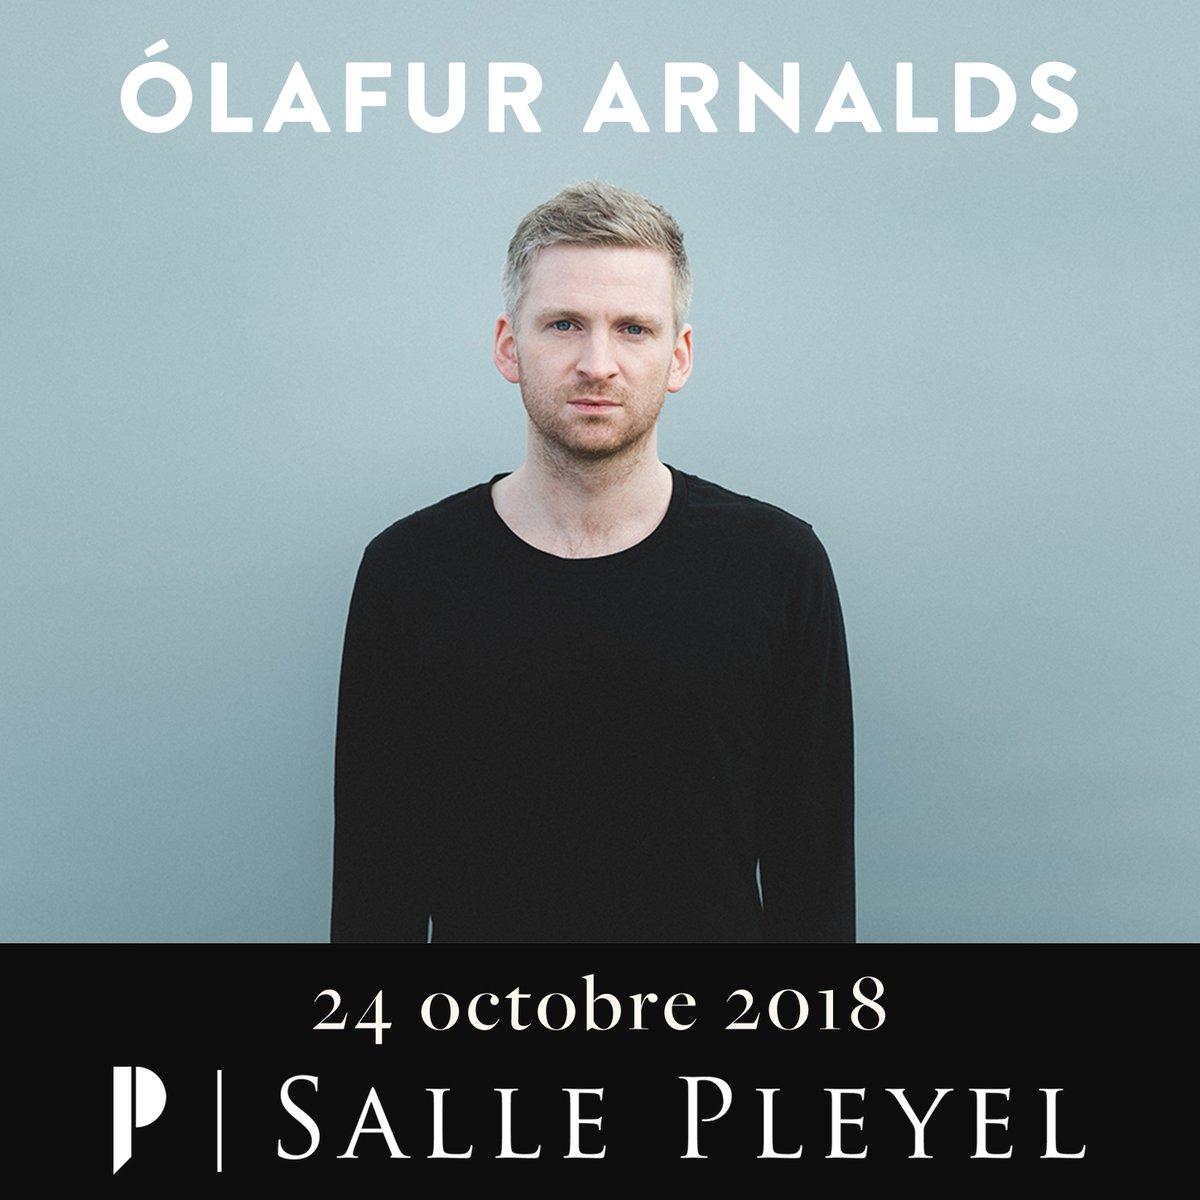 Retrouvez mercredi 24 octobre - @sallepleyel le compositeur contemporain islandais, @OlafurArnalds jouissant d'une notoriété égale à celle de Björk ou Sigur Rós dans son pays.  Billetterie > https: